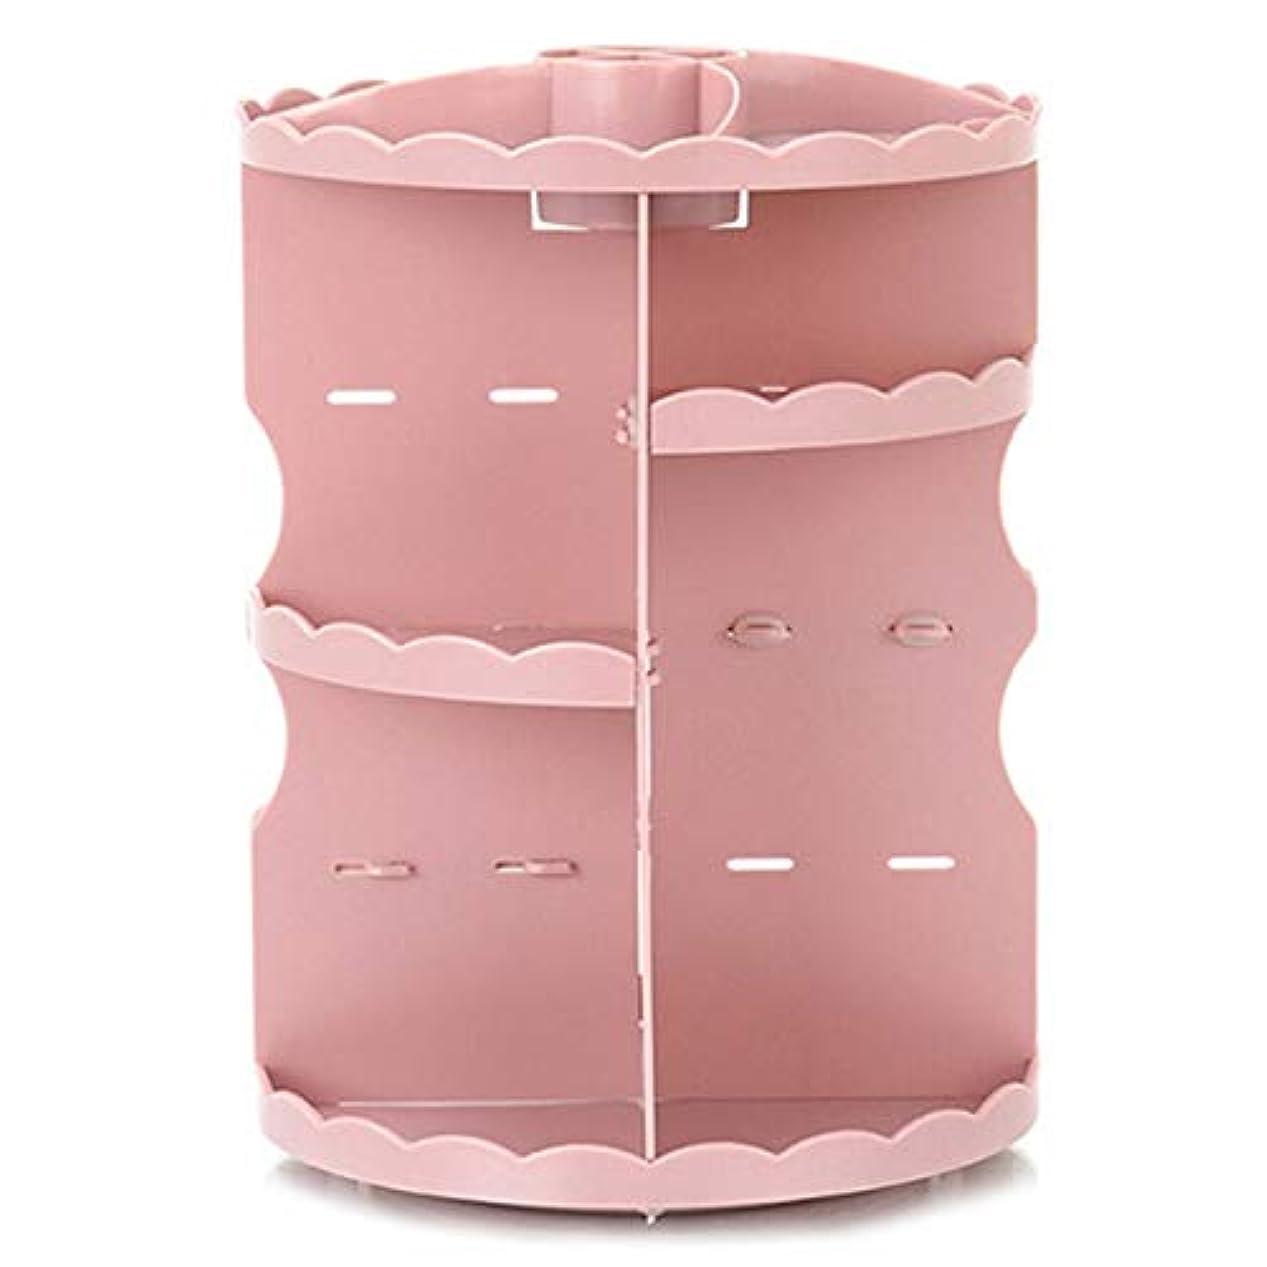 TOOGOO 360度回転化粧オーガナイザー、調整可能な多機能化粧品収納ユニット、さまざまなタイプの化粧品とアクセサリーに対応 ピンク